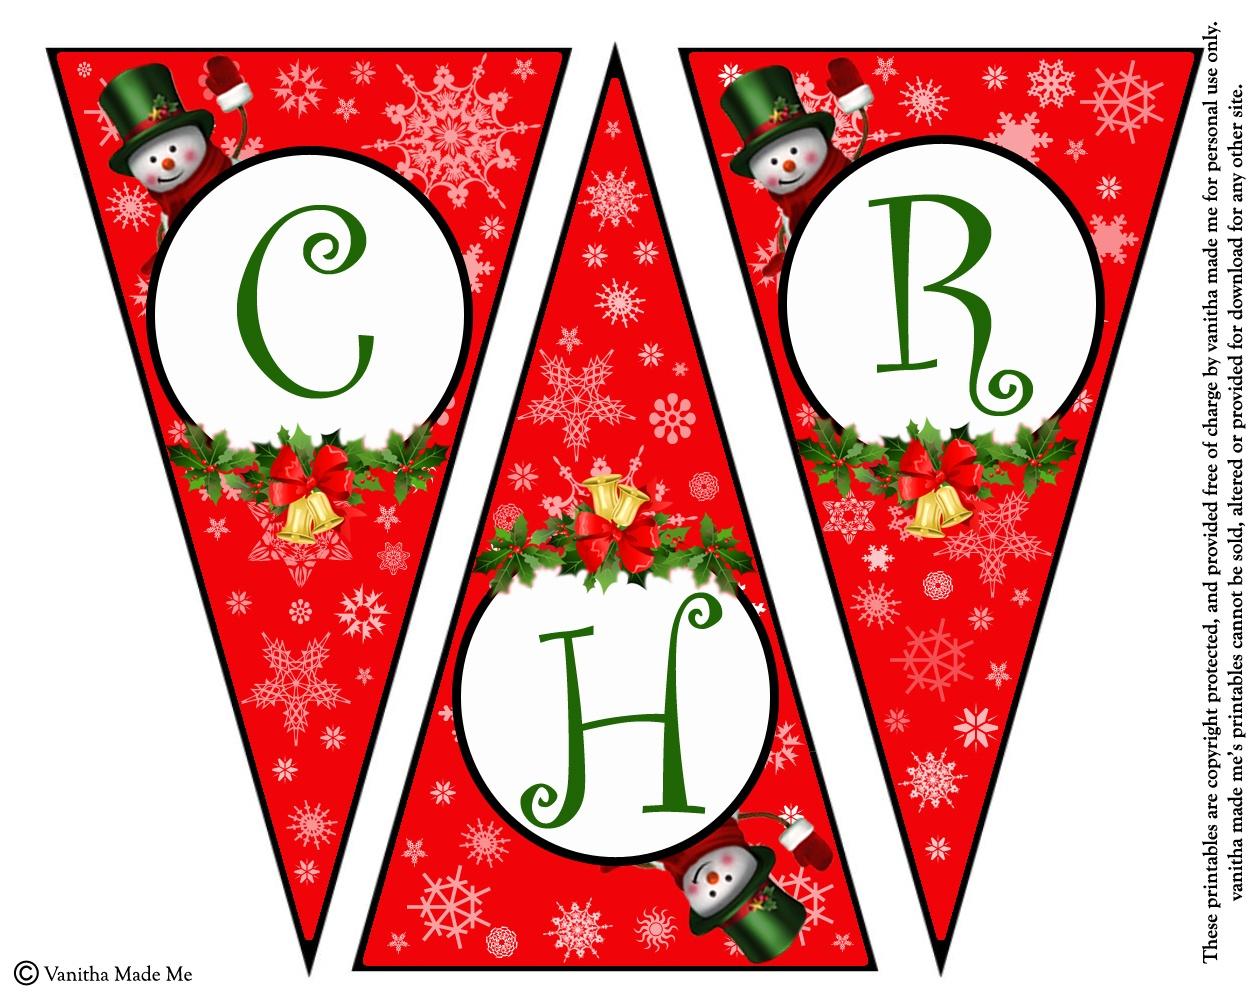 Diy Free Printable Christmas Banner | Vanitha Made Me - Free Printable Christmas Banner